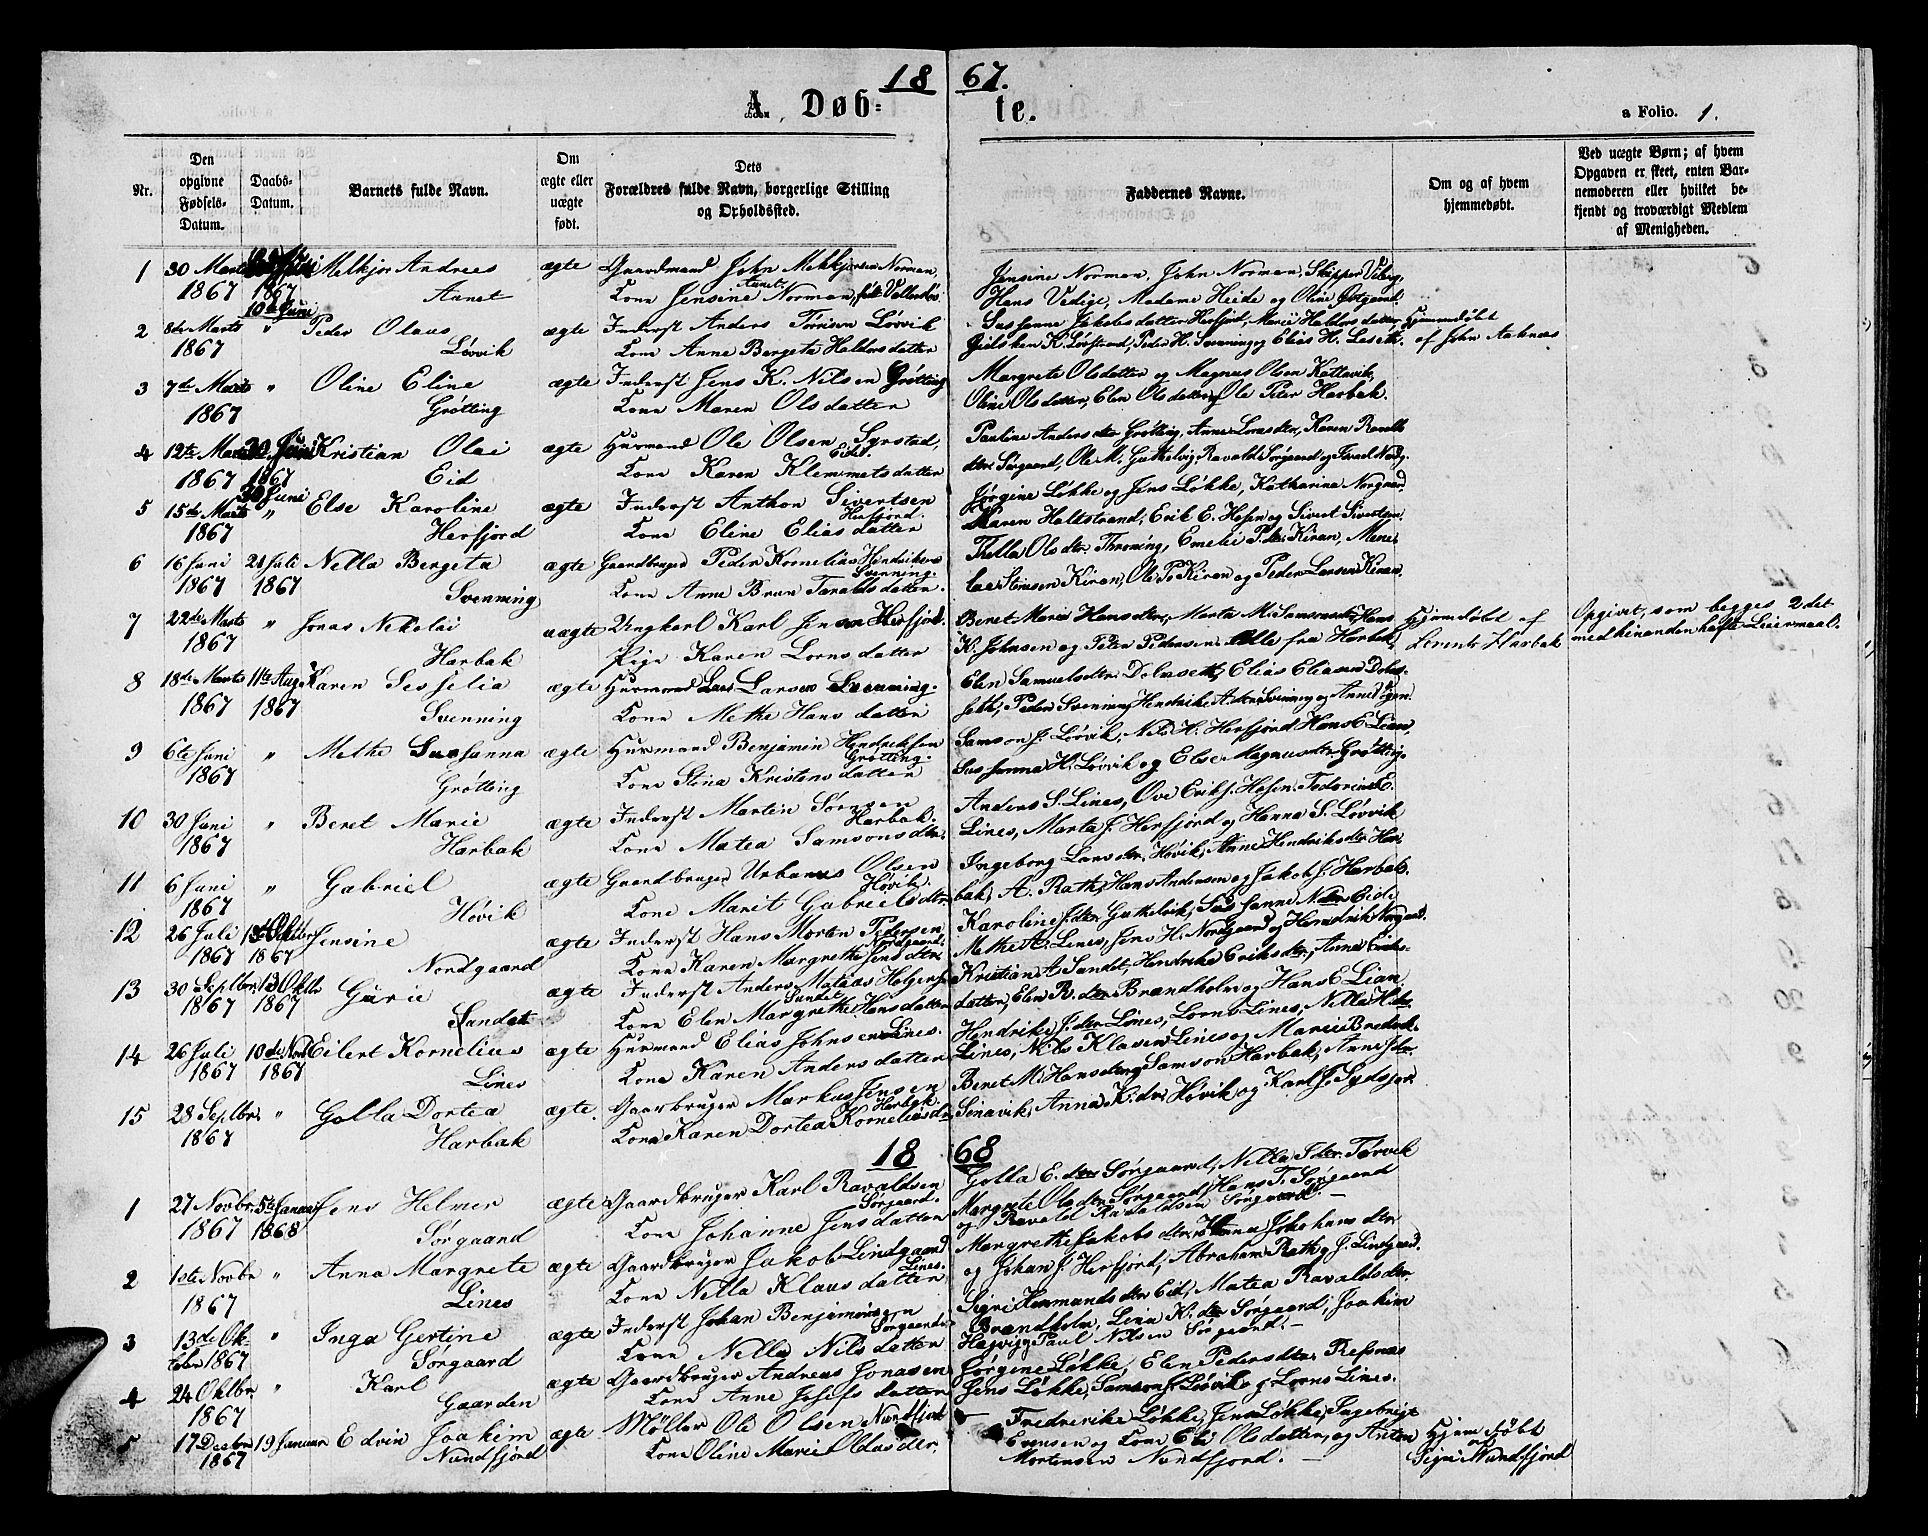 SAT, Ministerialprotokoller, klokkerbøker og fødselsregistre - Sør-Trøndelag, 656/L0695: Klokkerbok nr. 656C01, 1867-1889, s. 1